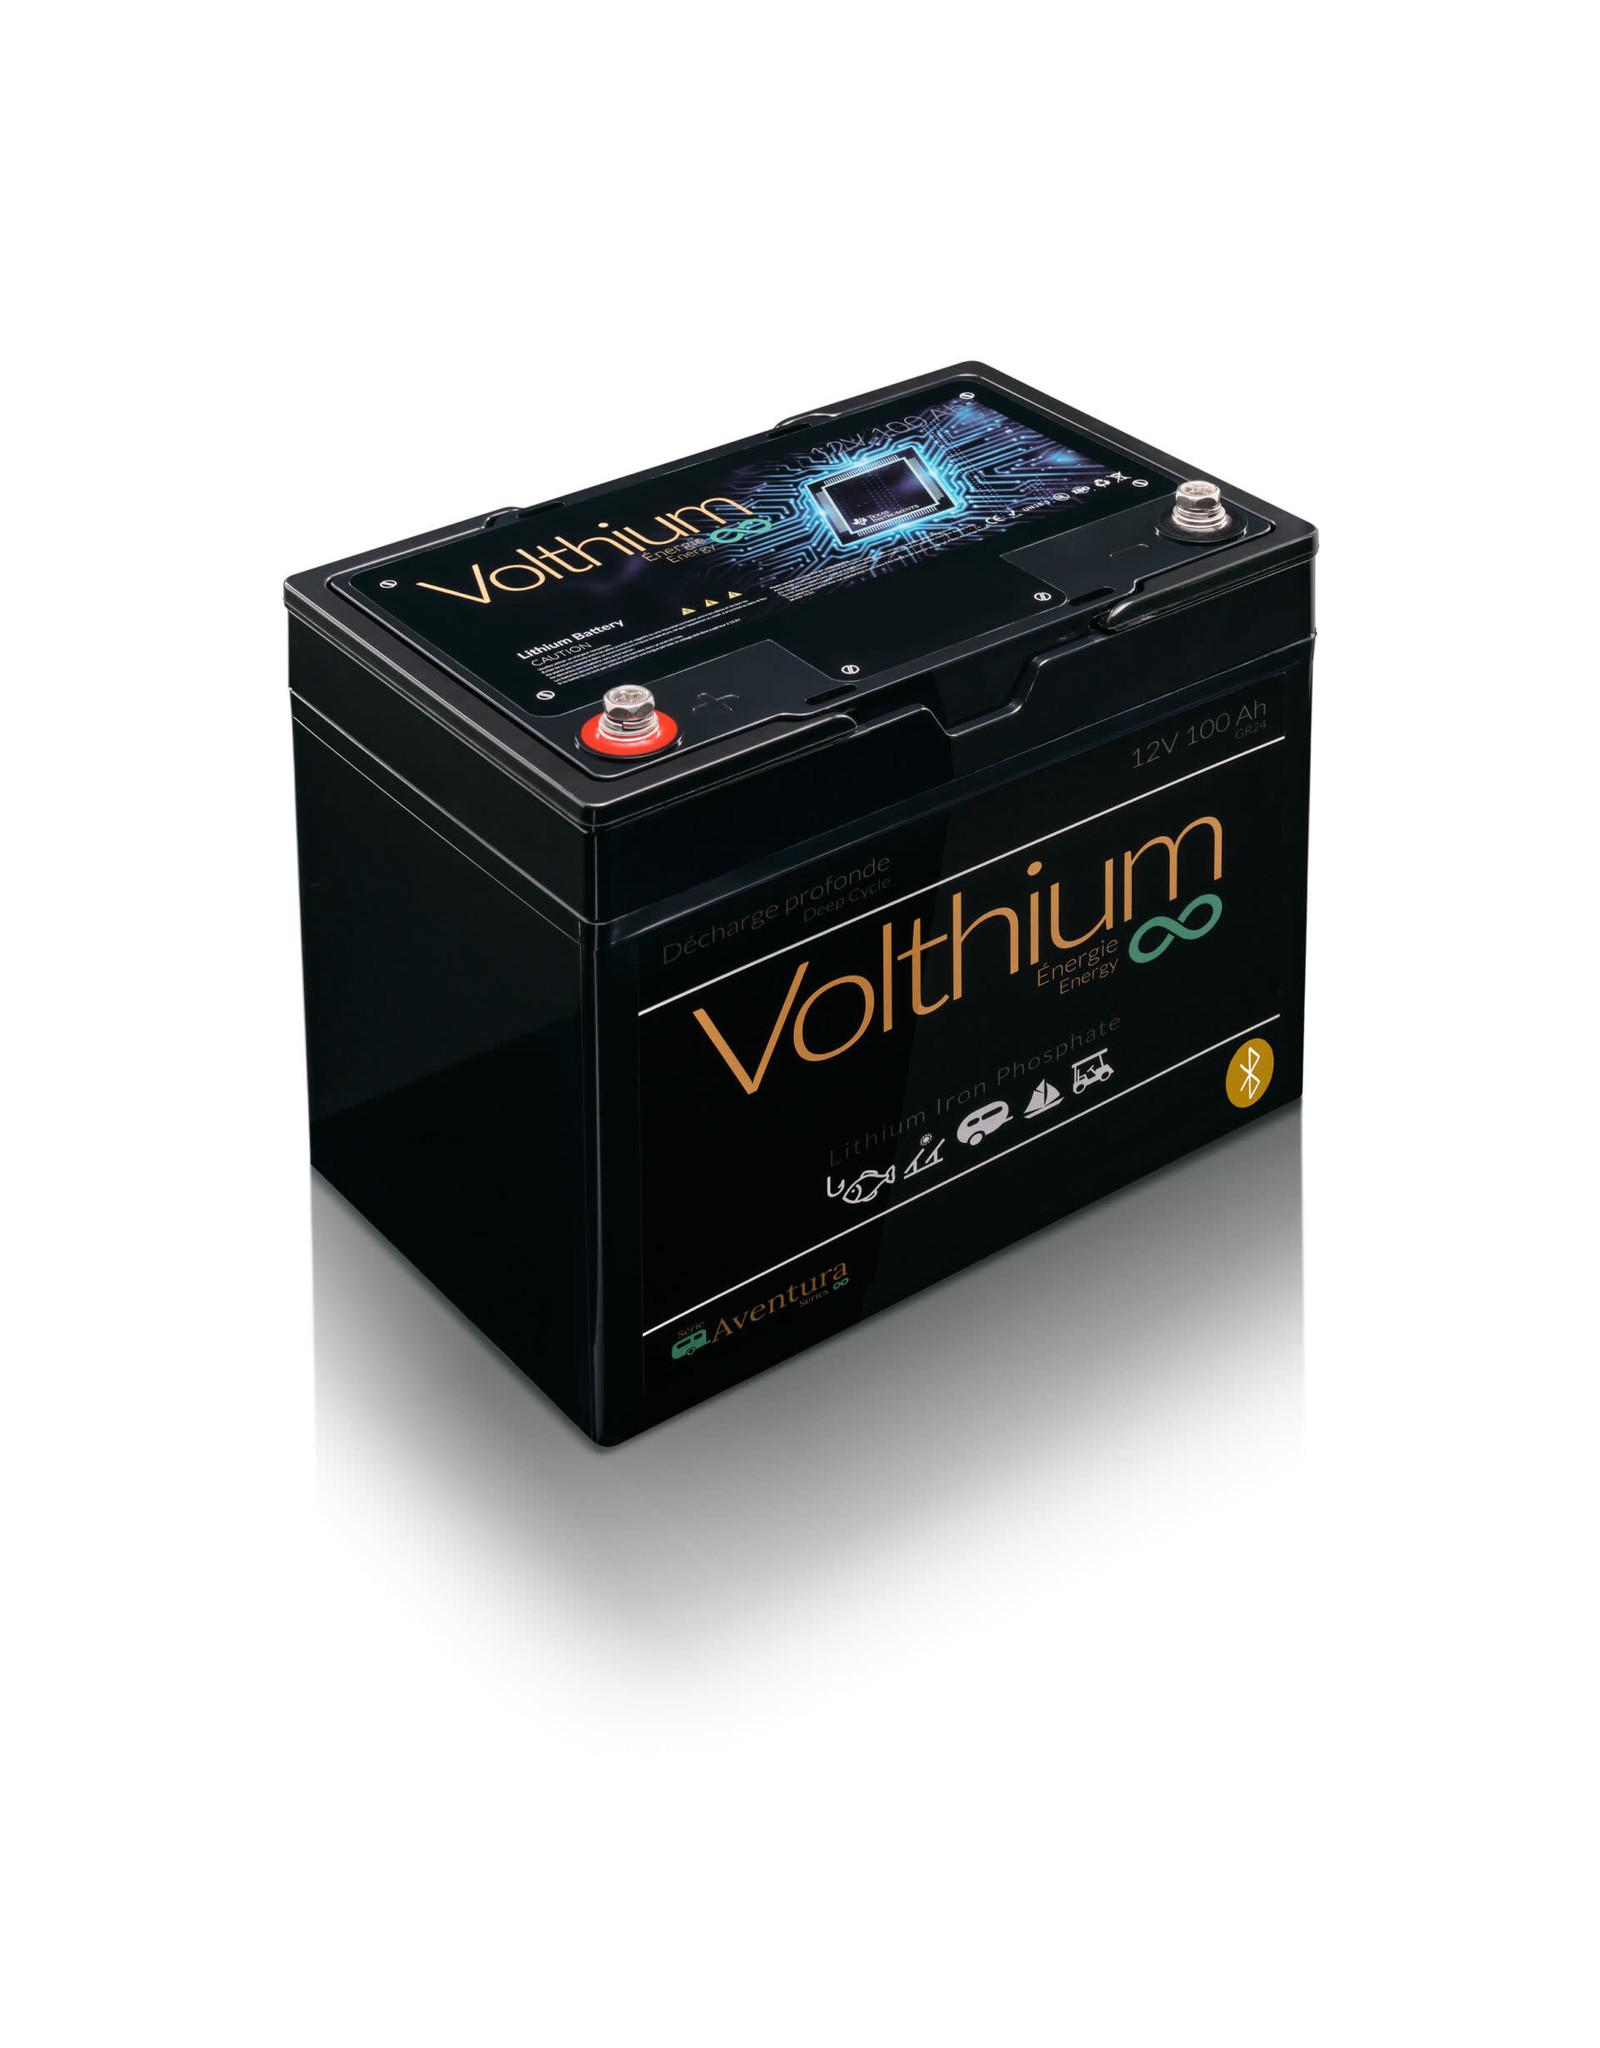 Volthium Volthium battery Aventura Bluetooth Lithium 12v 100Ah